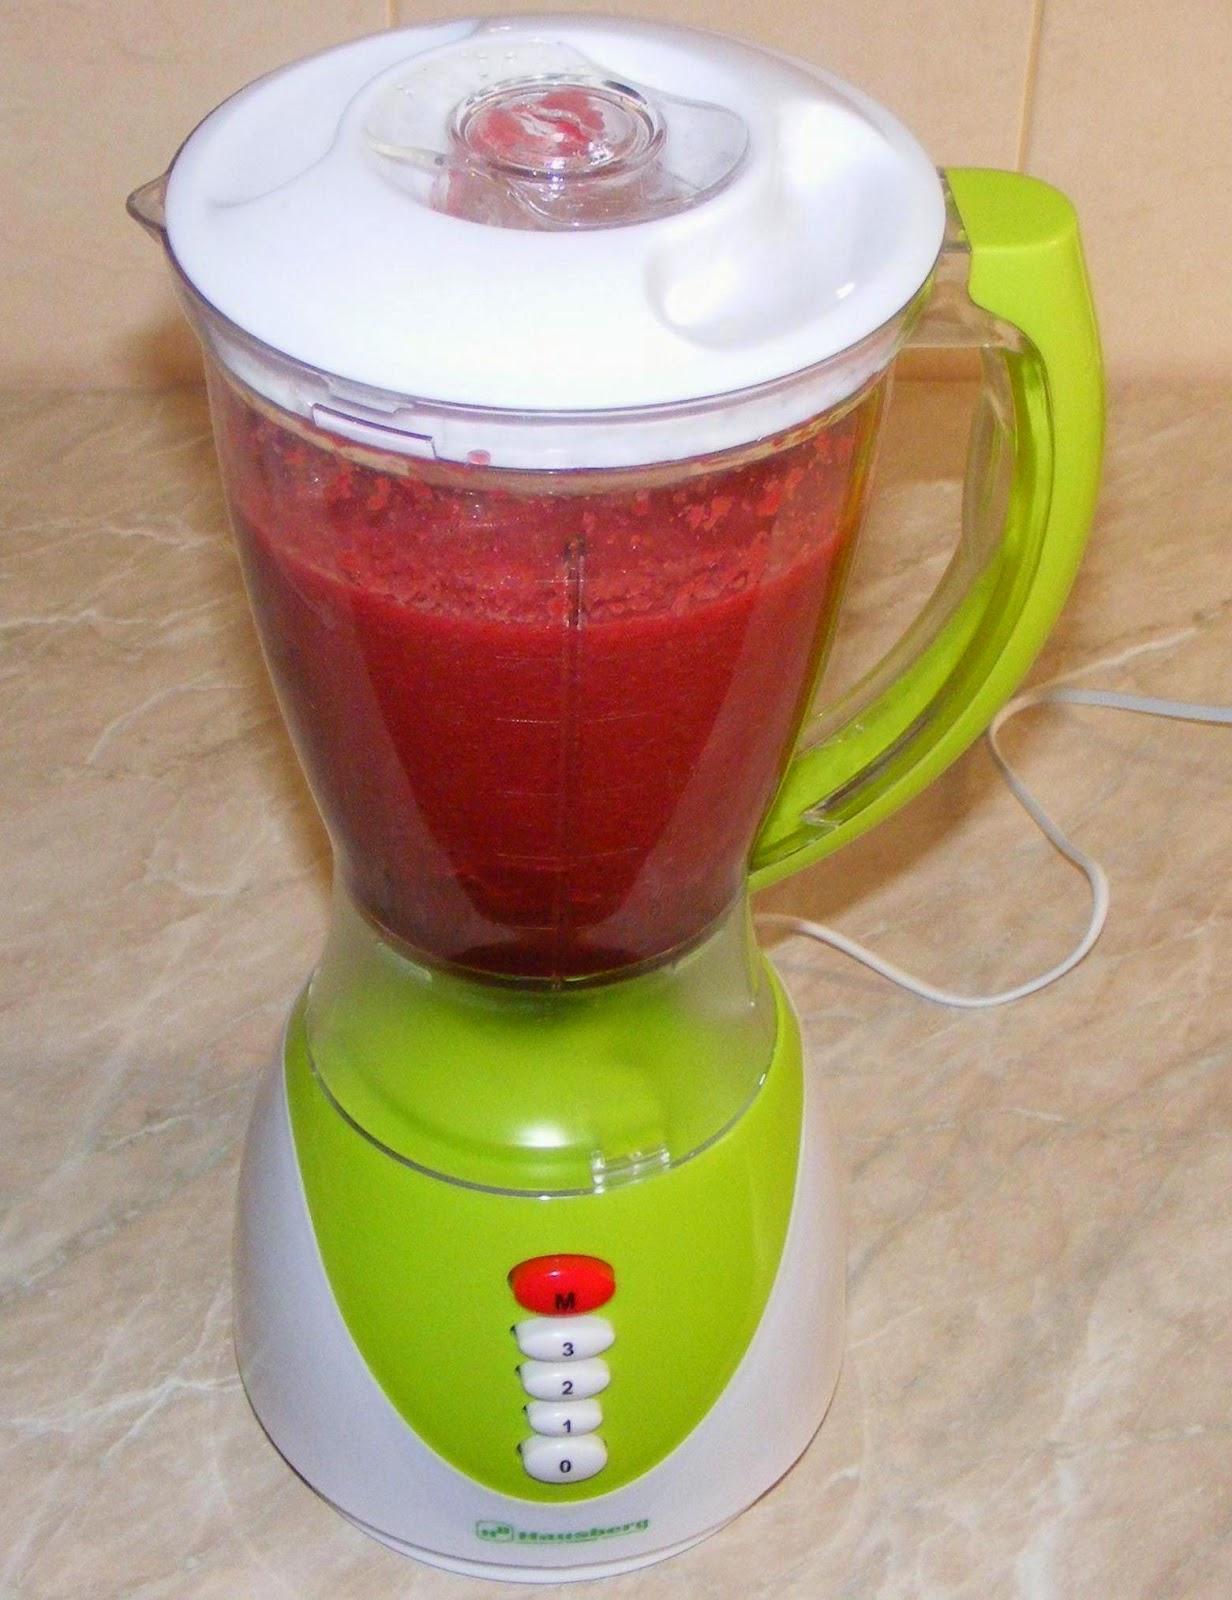 sucuri la blender, suc la blender, suc de legume, sucuri de legume, suc de morcovi, suc de telina, suc de sfecla rosie, diete de slabit, cura de detoxifiere, cura de slabire, sucuri naturale, suc natural, bauturi nealcoolice, suc, sucuri,